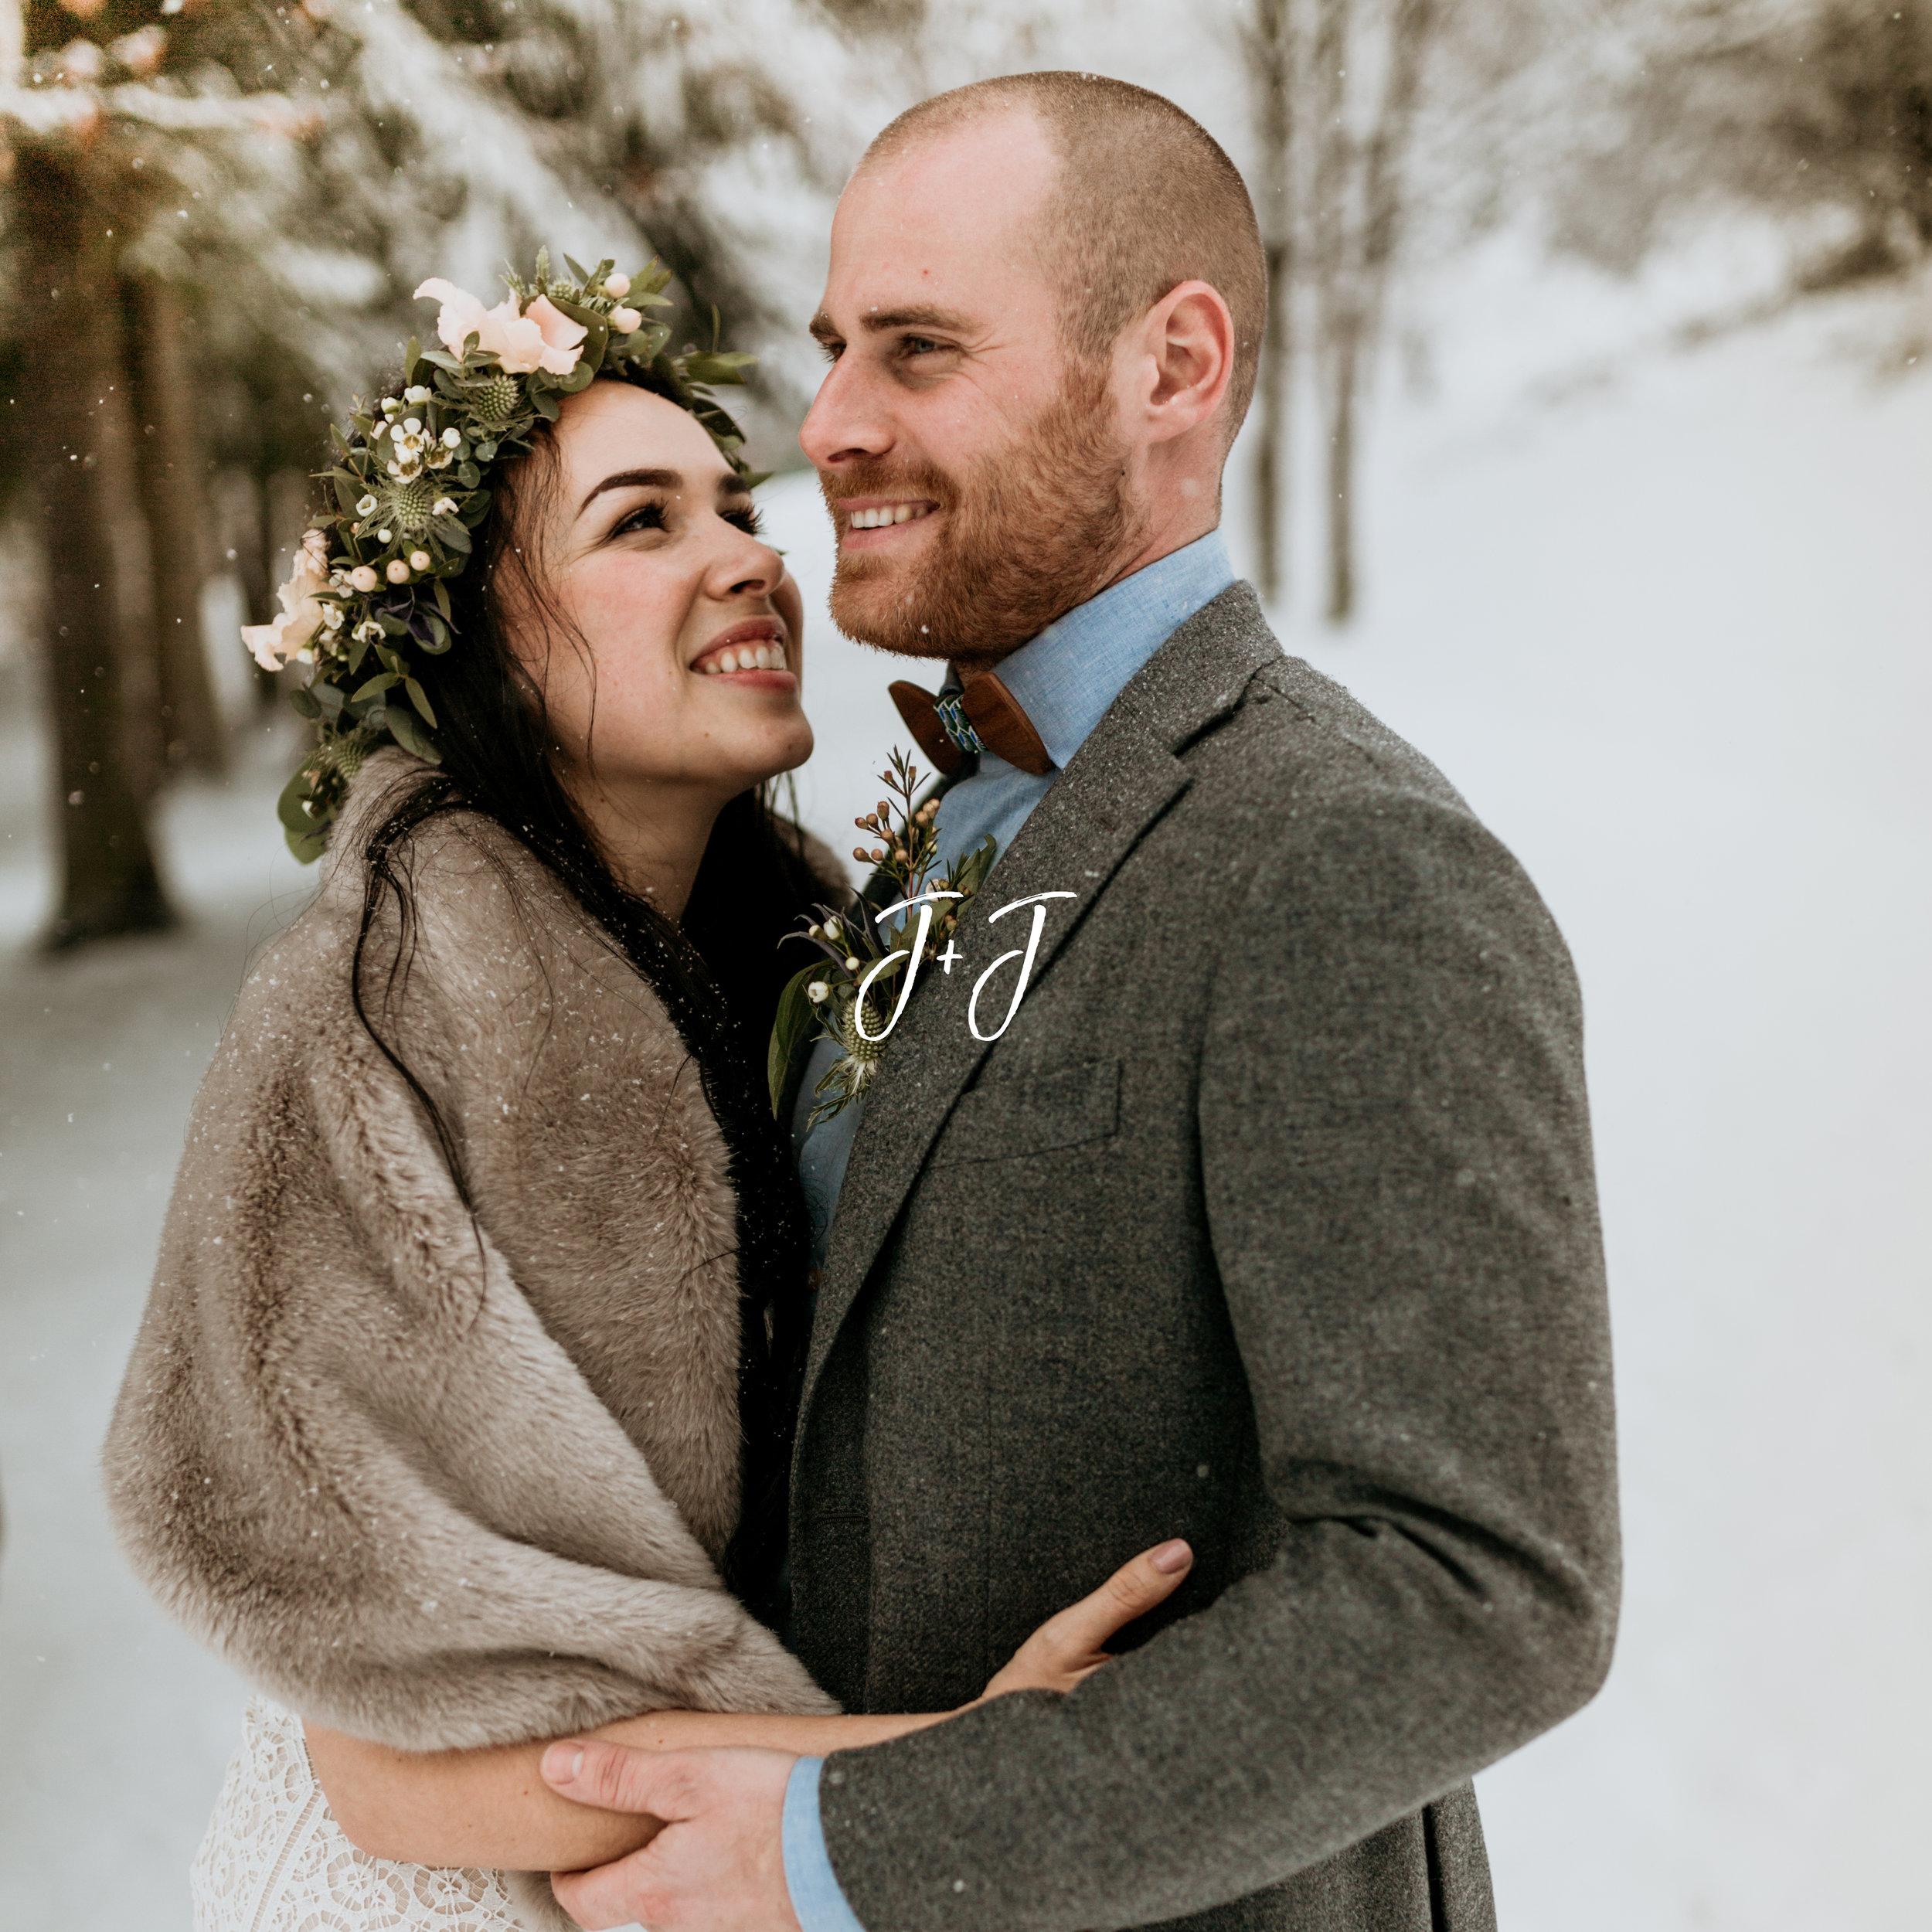 lisa-helsen-photography-huwelijksfotografie-kempen-herentals-sechery-ardennen.jpg